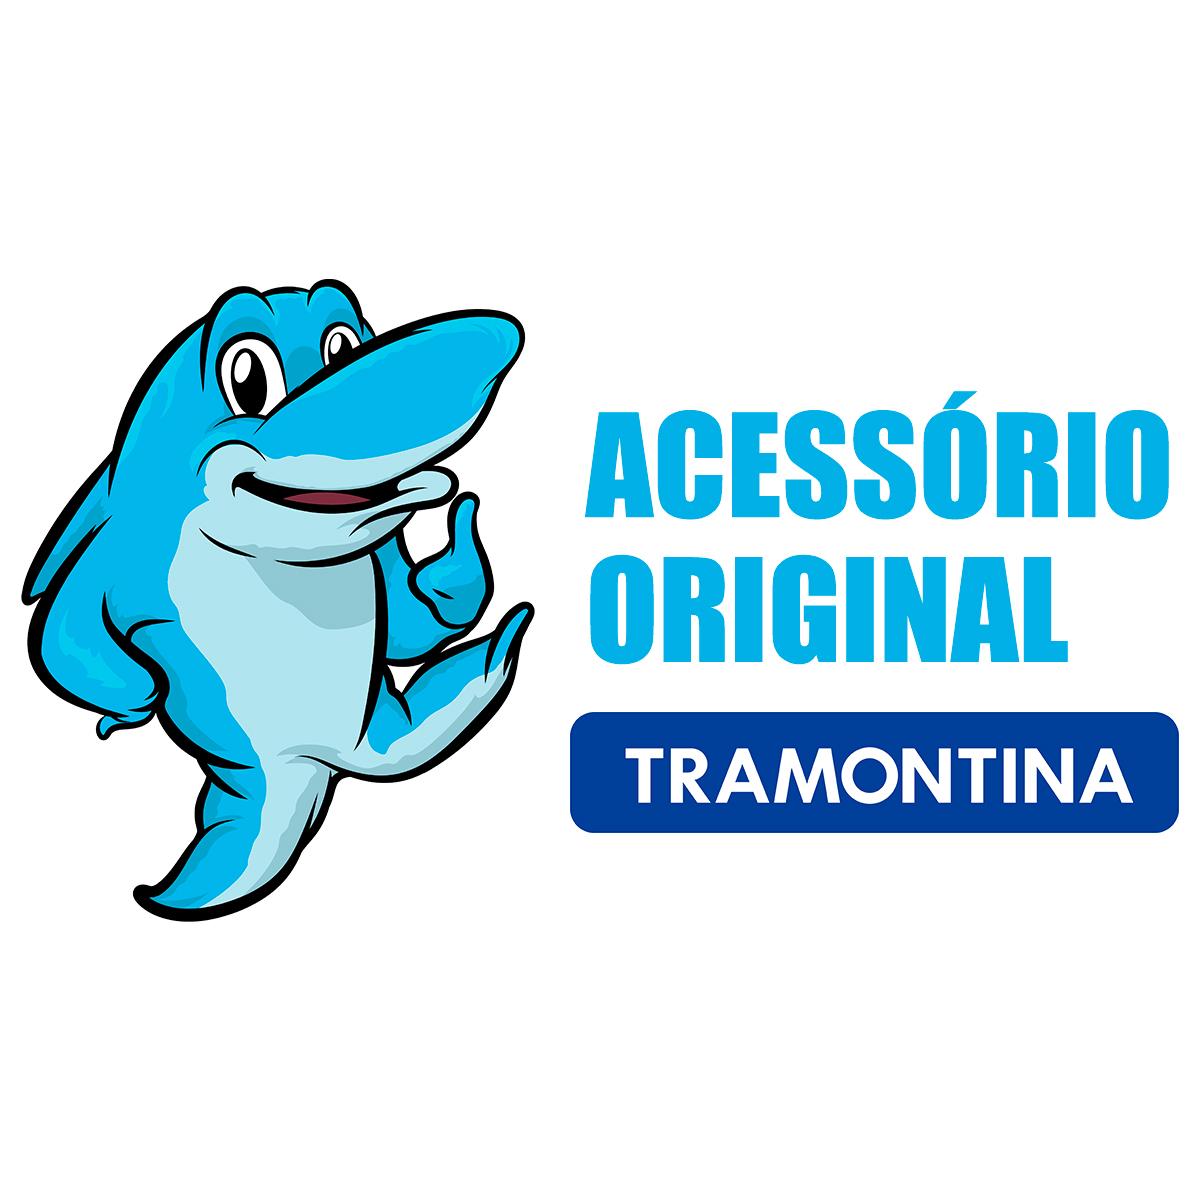 Aplicador de detergente para Lavadora Tramontina 1500psi 1200w, 1600psi 1400w, 1900psi 1800w, 2100psi 2000w Original